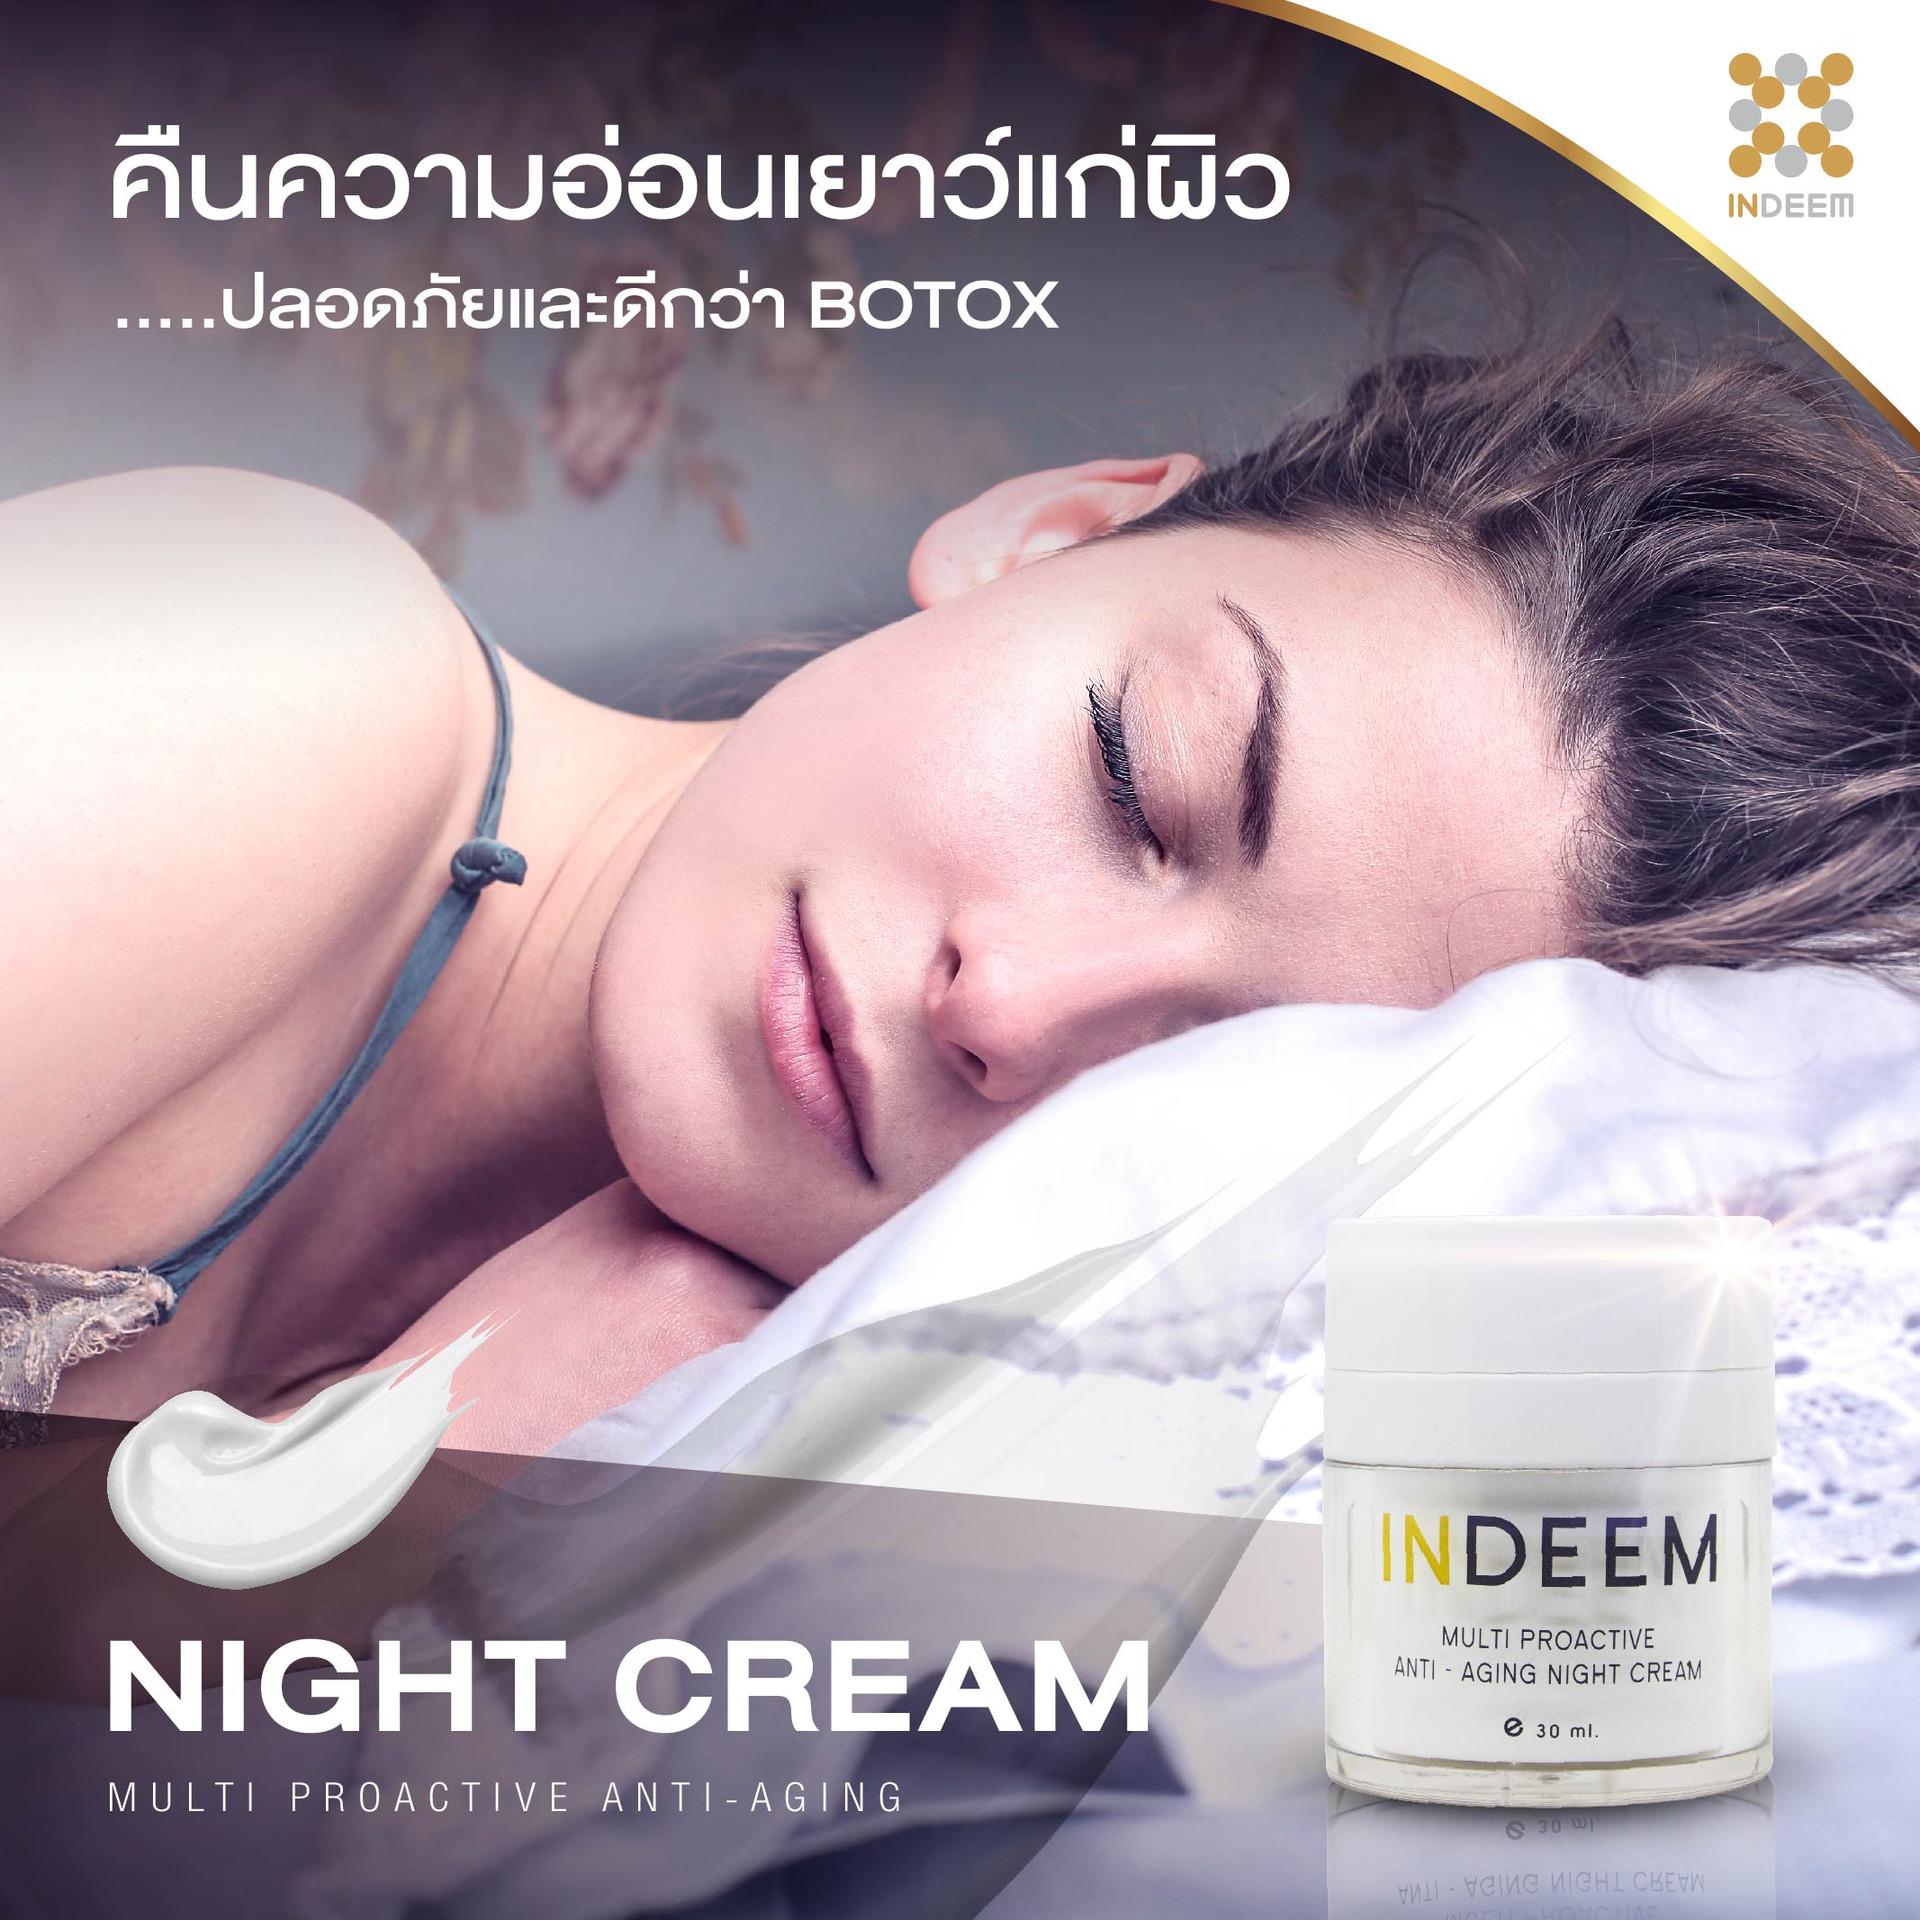 Night Cream-01.jpg